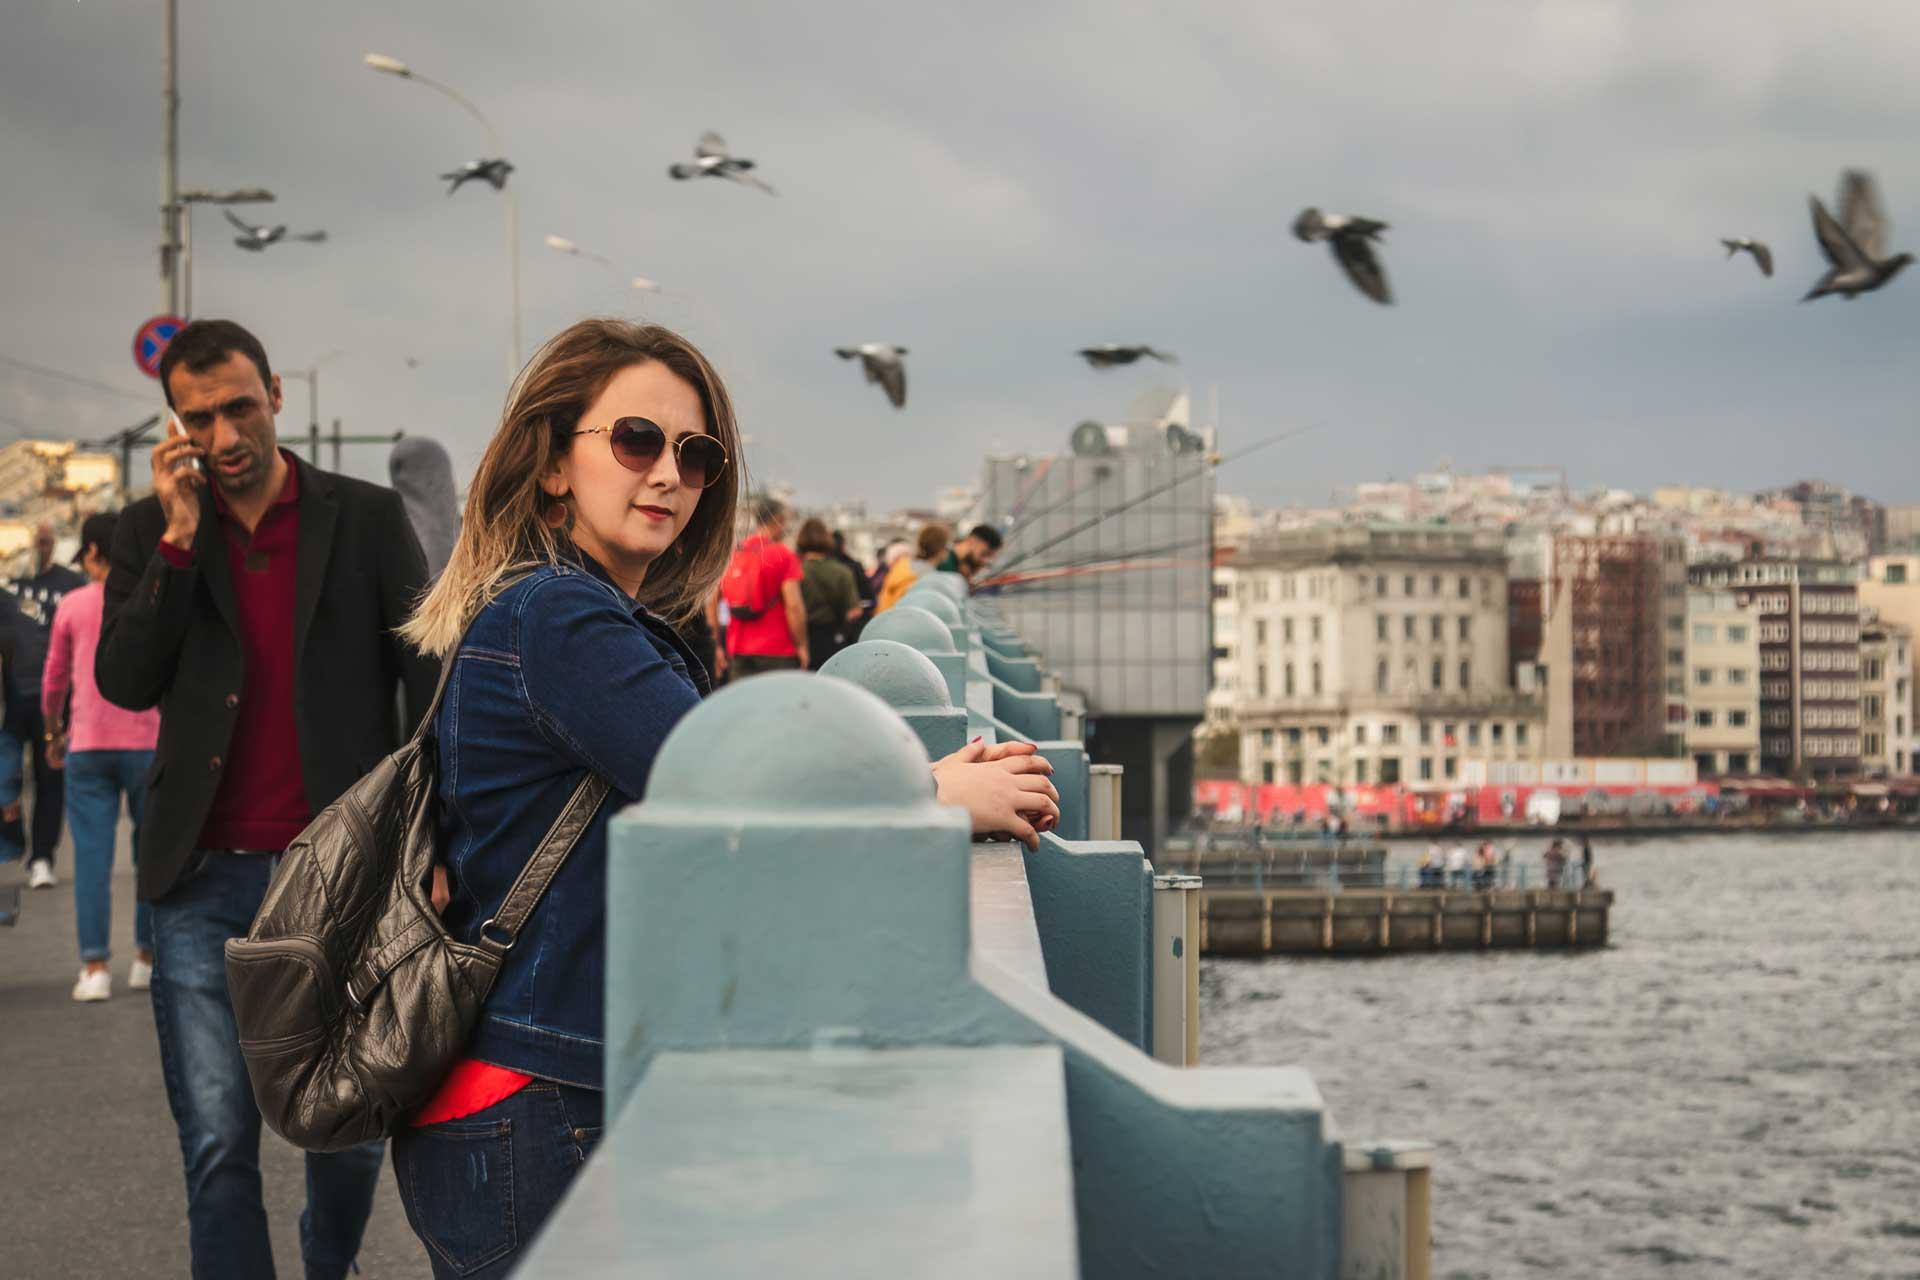 Bana ulaşın sizin de İstanbul sokaklarında doğal fotoğraflarınız olsun